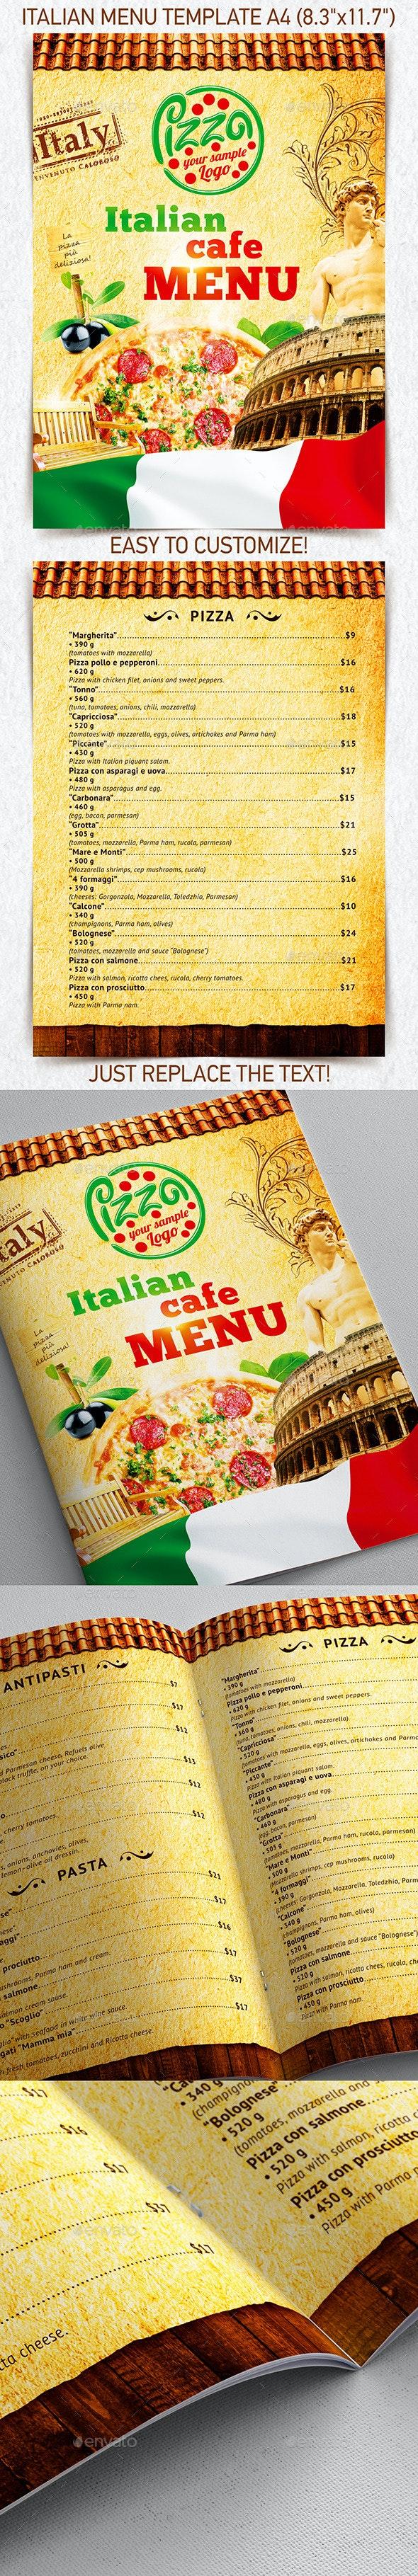 Italian Menu Template vol.2